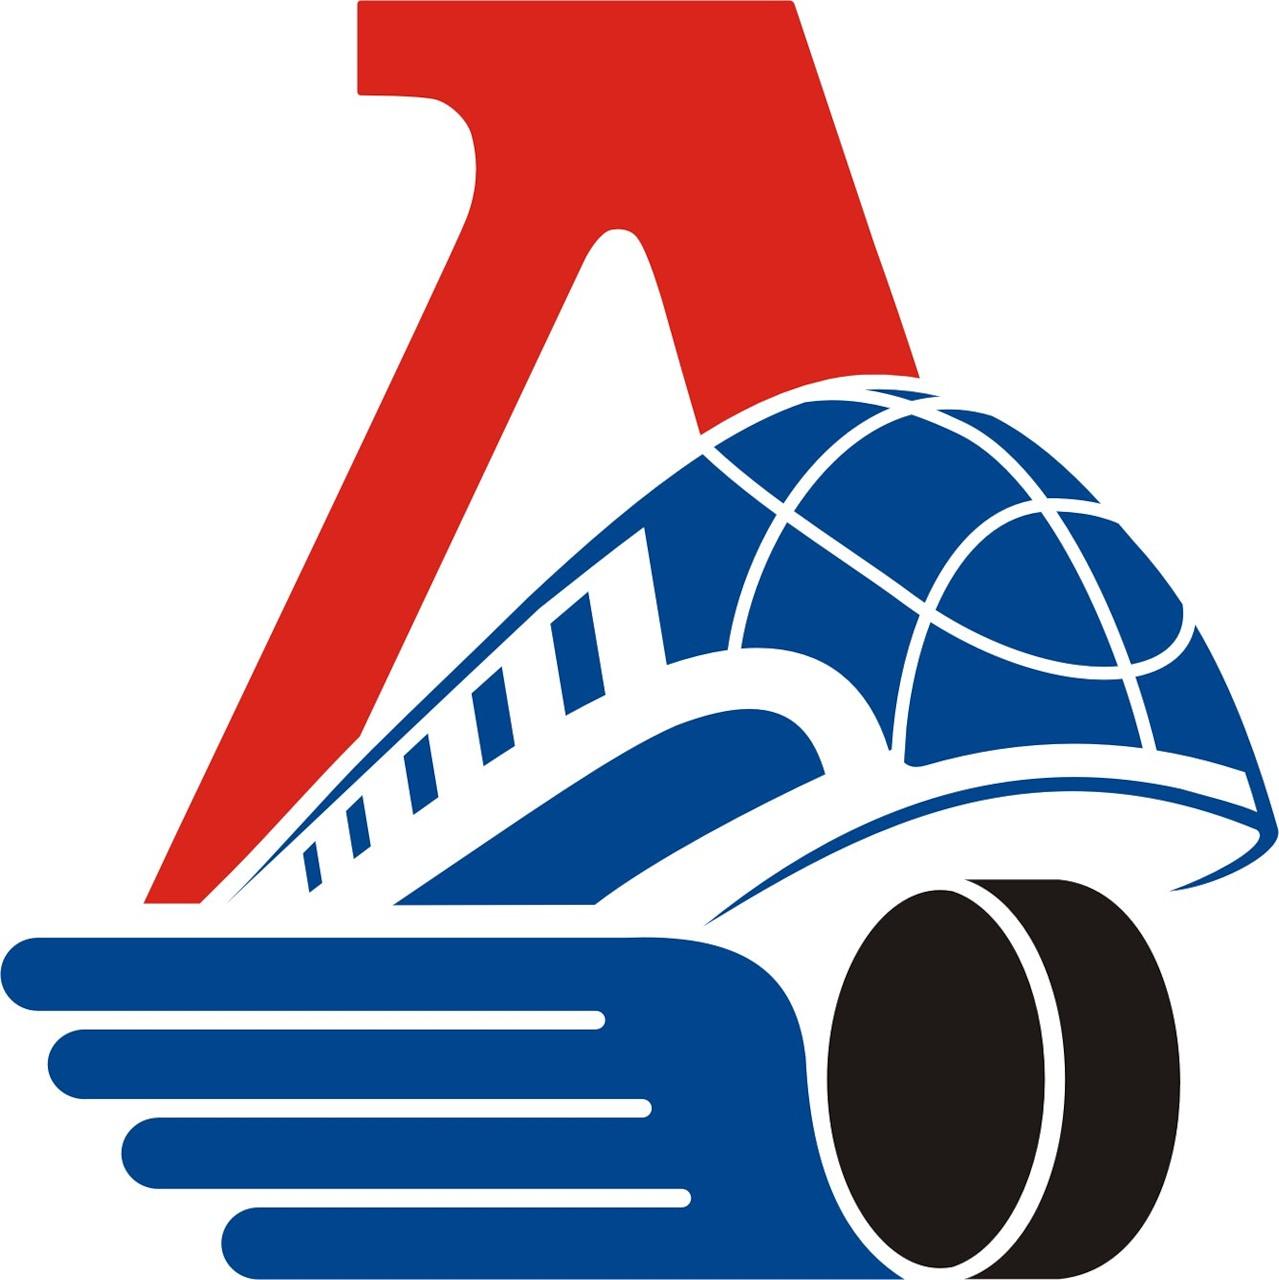 Ярославский хоккейный клуб отправил в отставку главного тренера команды Шона Симпсона